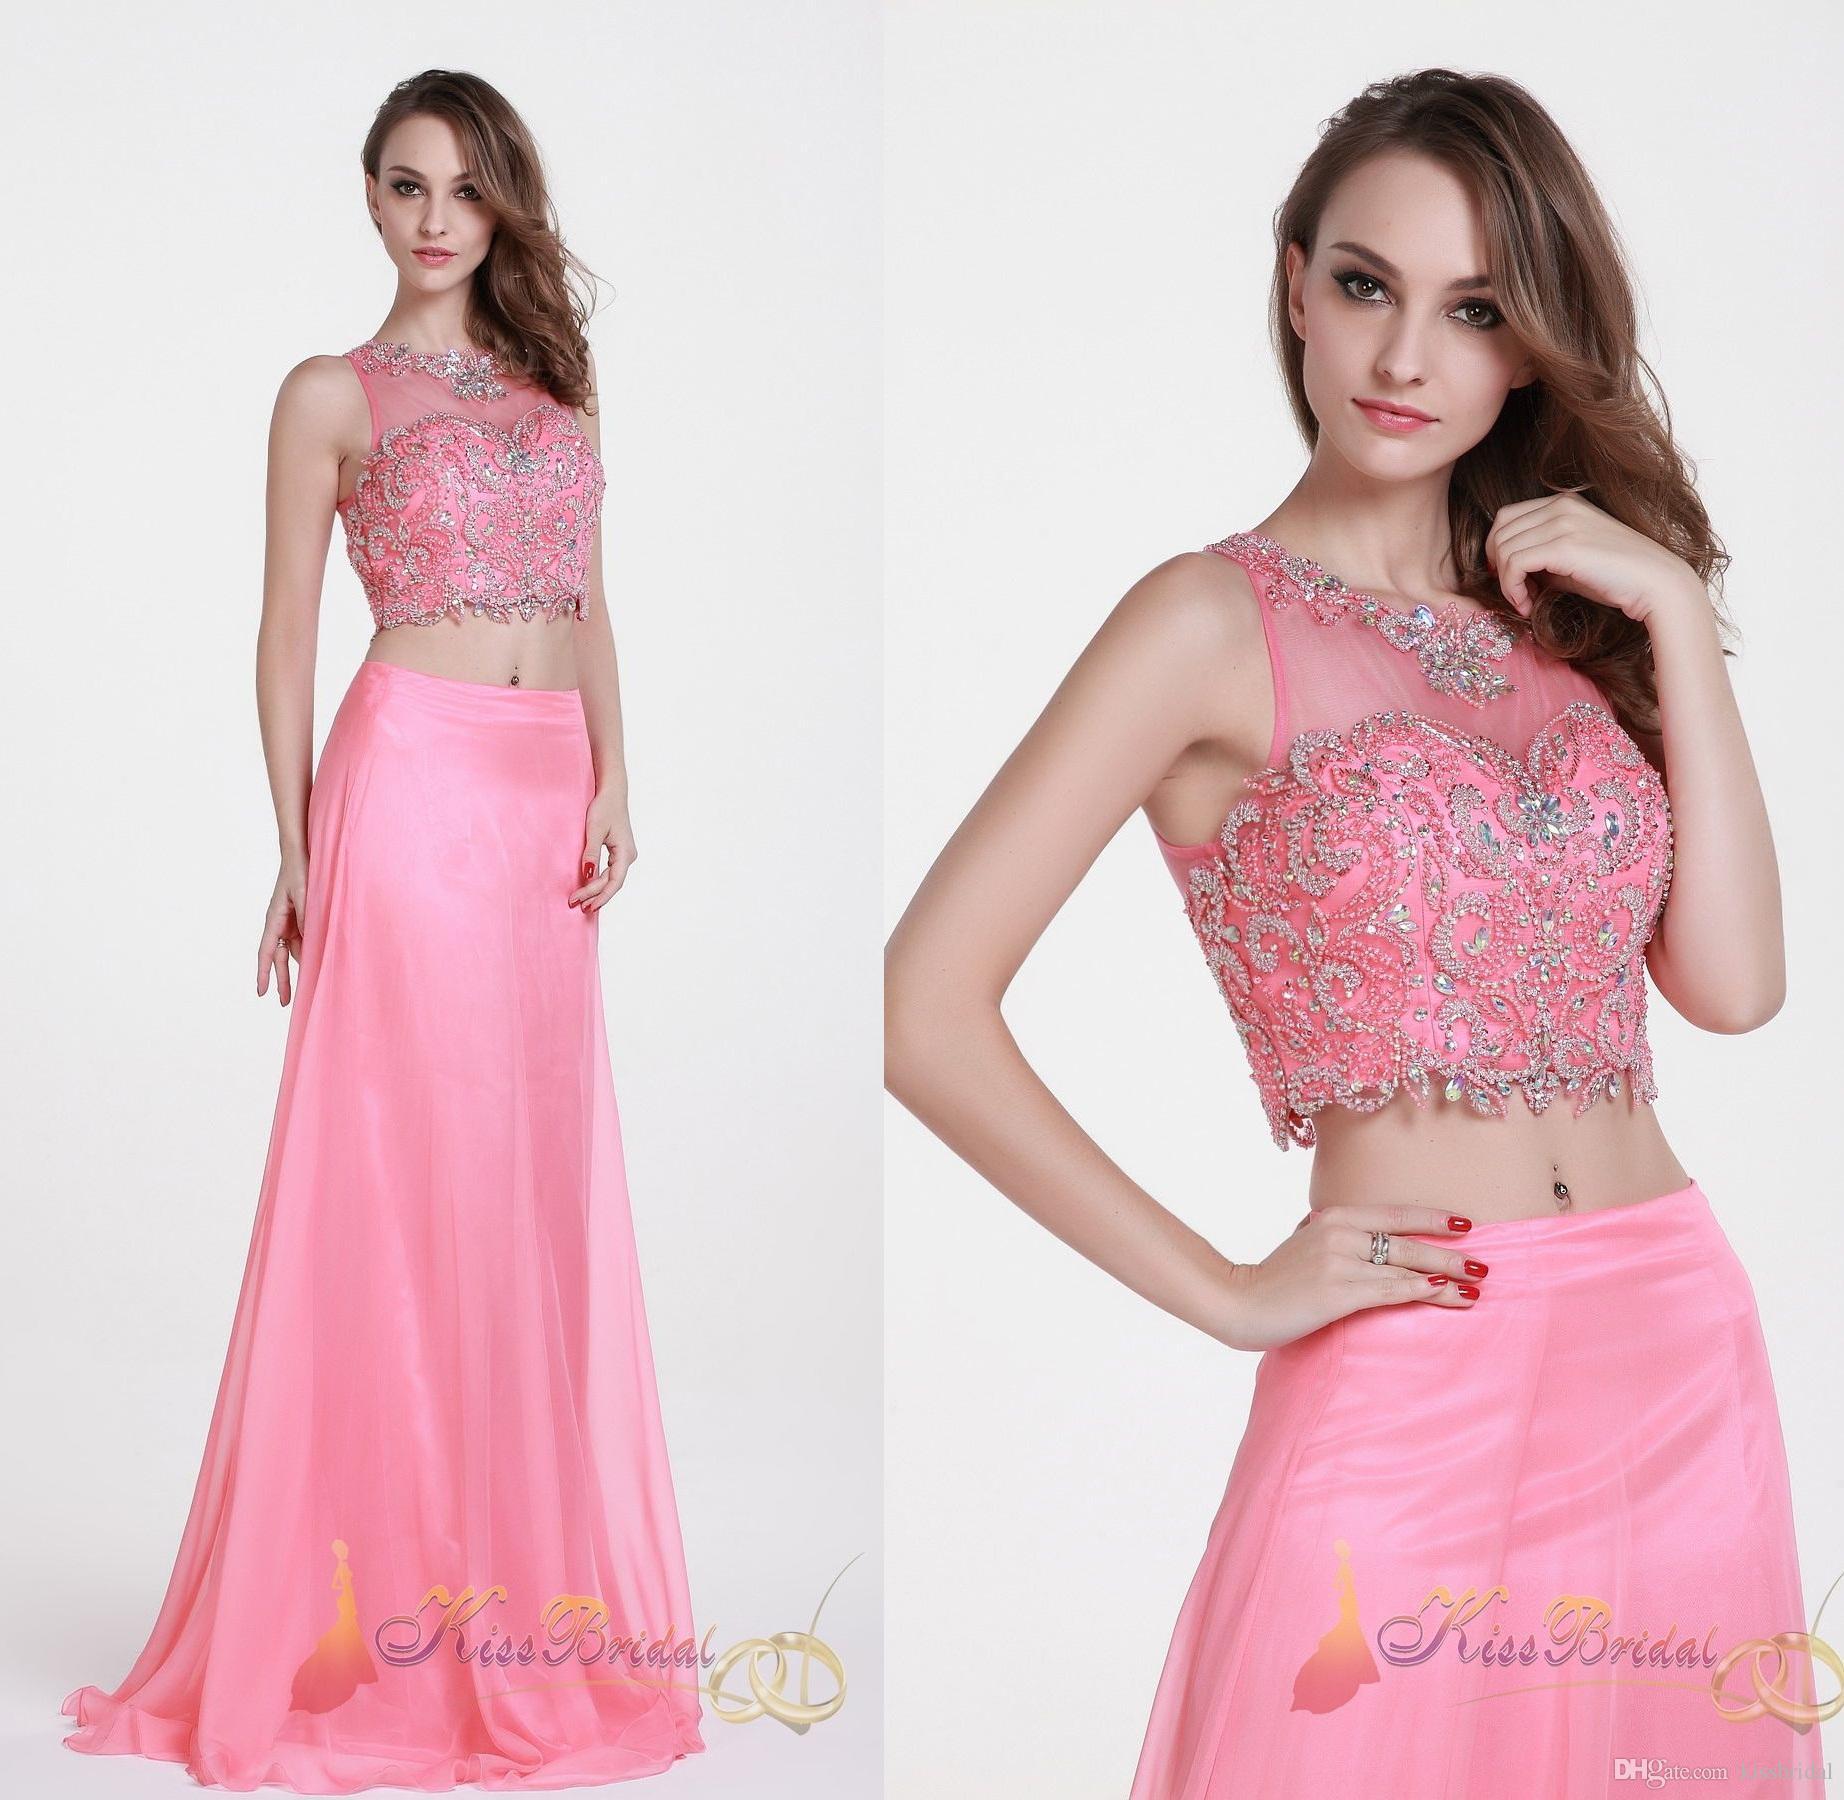 Bonito Vestidos De Fiesta De Color Rosa Sirena Colección de Imágenes ...